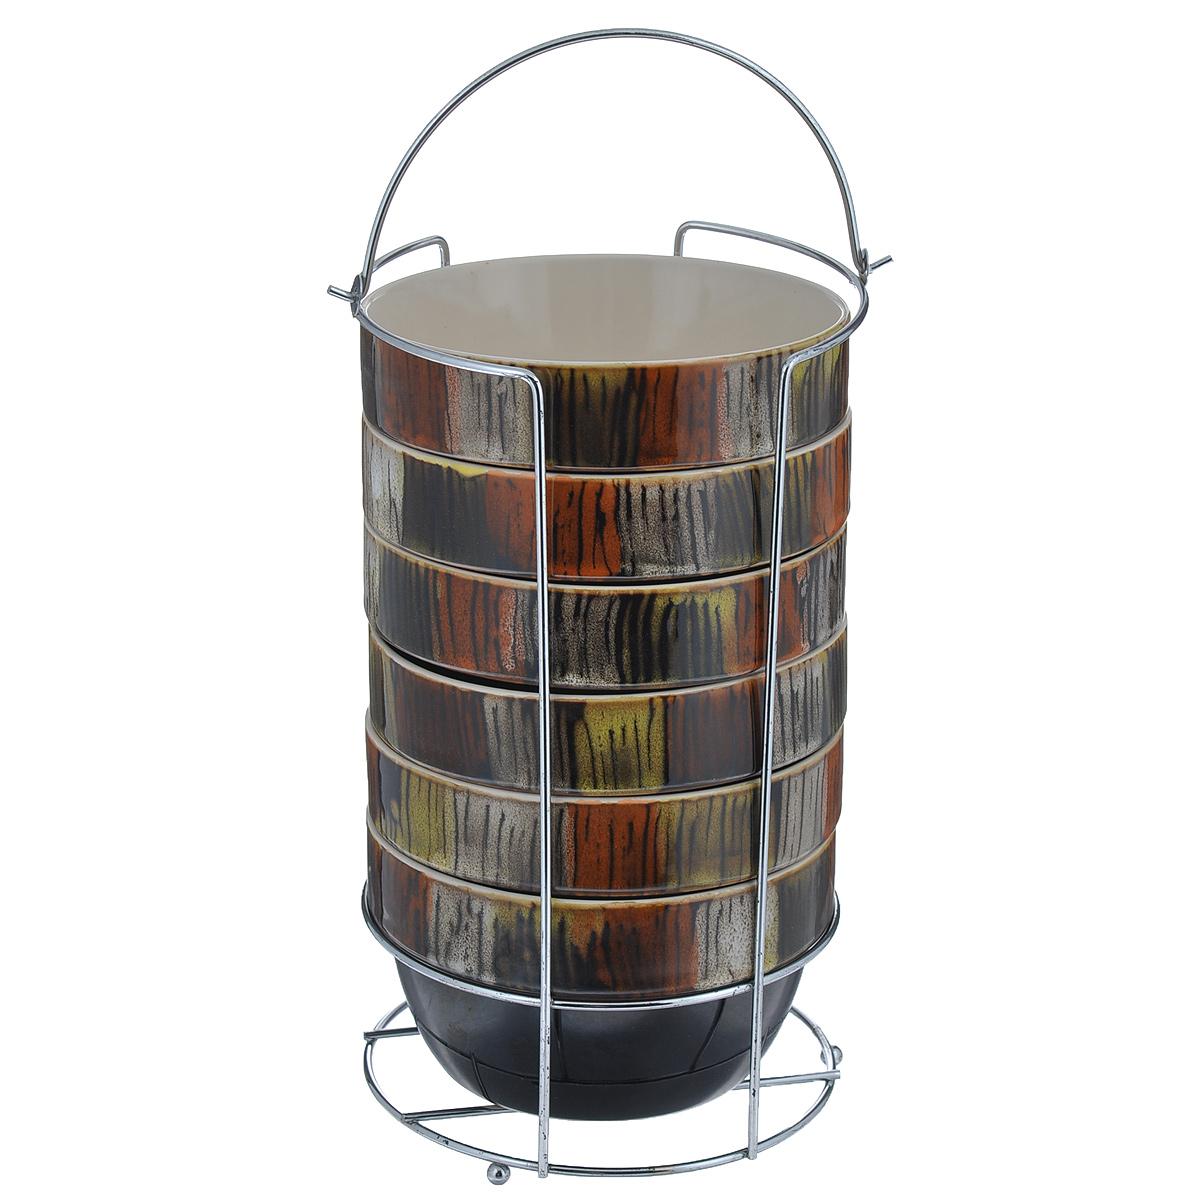 Набор пиал Bekker, 750 мл, 7 предметовBK-7367Набор Bekker состоит из 6 пиал и подставки. Пиалы выполнены из высококачественной жаропрочной керамики, покрытой блестящей глазурью без примесей кадмия и свинца. Внешние стенки коричневого цвета оформлены оригинальным орнаментом. Пиалы очень вместительны, их можно использовать для подачи супа, каш, хлопьев и т.д, а также в качестве салатников. В комплекте имеется специальная металлическая подставка с хромированной поверхностью. Для удобства переноски на подставке предусмотрена ручка. Пиалы подходят для использования в микроволновой печи, духовом шкафу. Также изделия можно чистить в посудомоечной машине.Объем пиалы: 750 мл. Диаметр пиалы (по верхнему краю): 14 см. Высота стенки: 8 см. Размер подставки (ДхШхВ): 14 см х 14 см х 25 см.